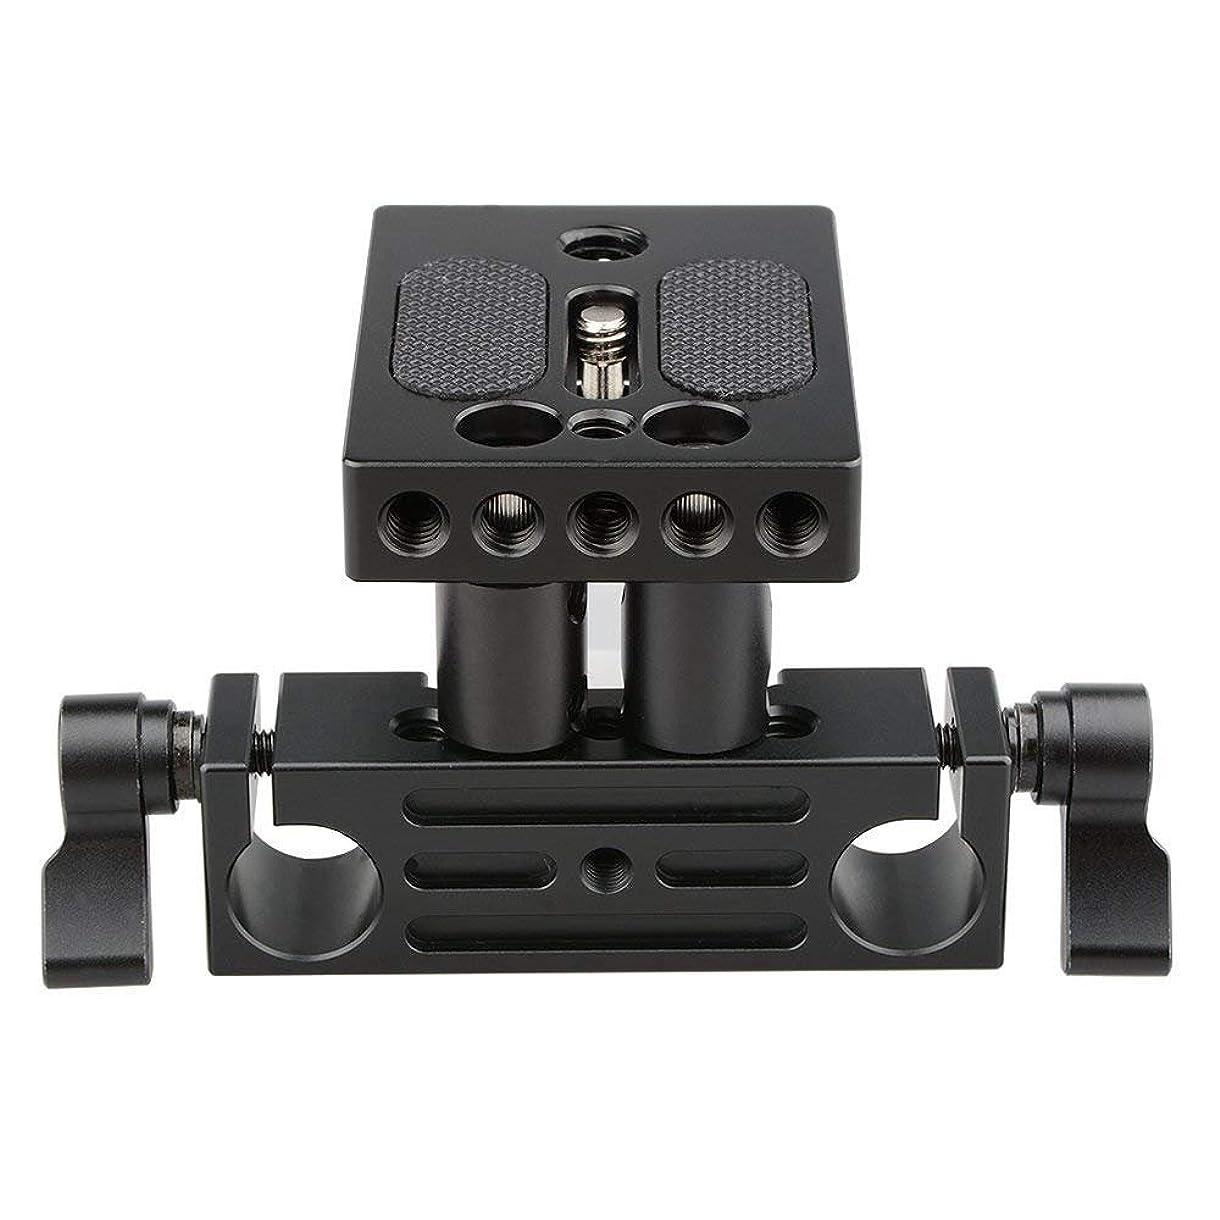 バーガーハードウェア生き残りCAMVATE レールロッドサポートシステムDSLRベースプレートマウント+レールブロック高ライザー 15mm ロッドクランプ